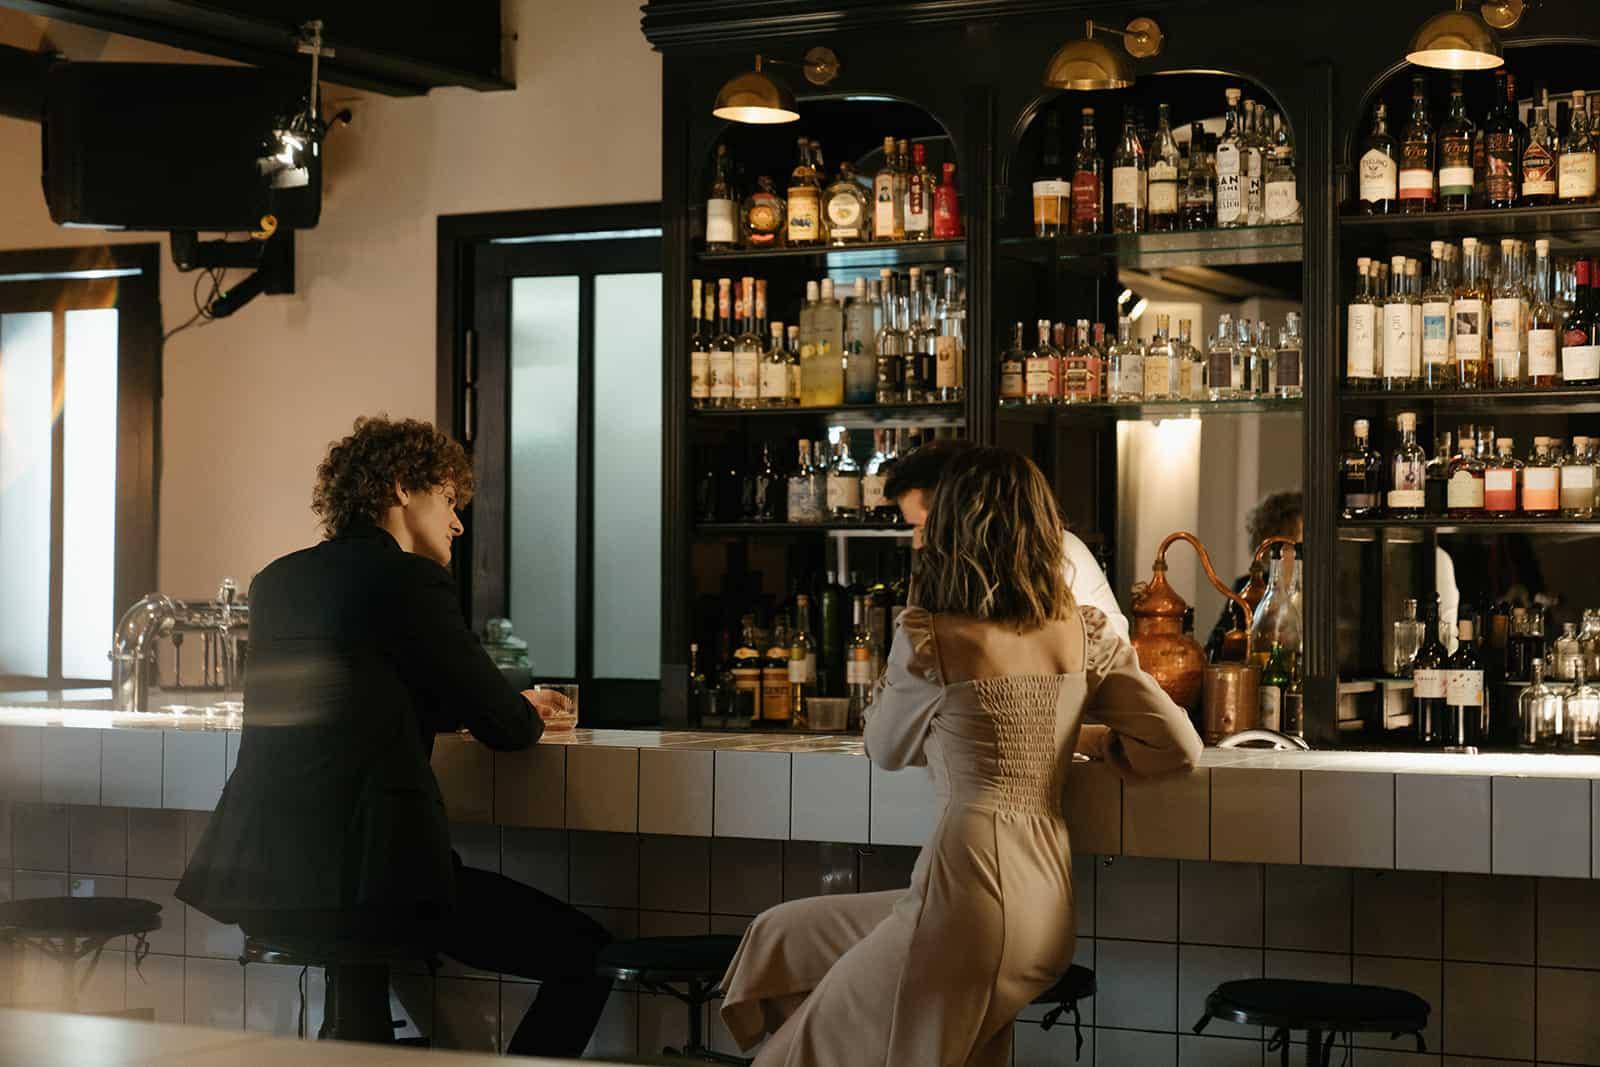 Ein Mann sieht eine Frau an, die neben ihm an der Theke sitzt